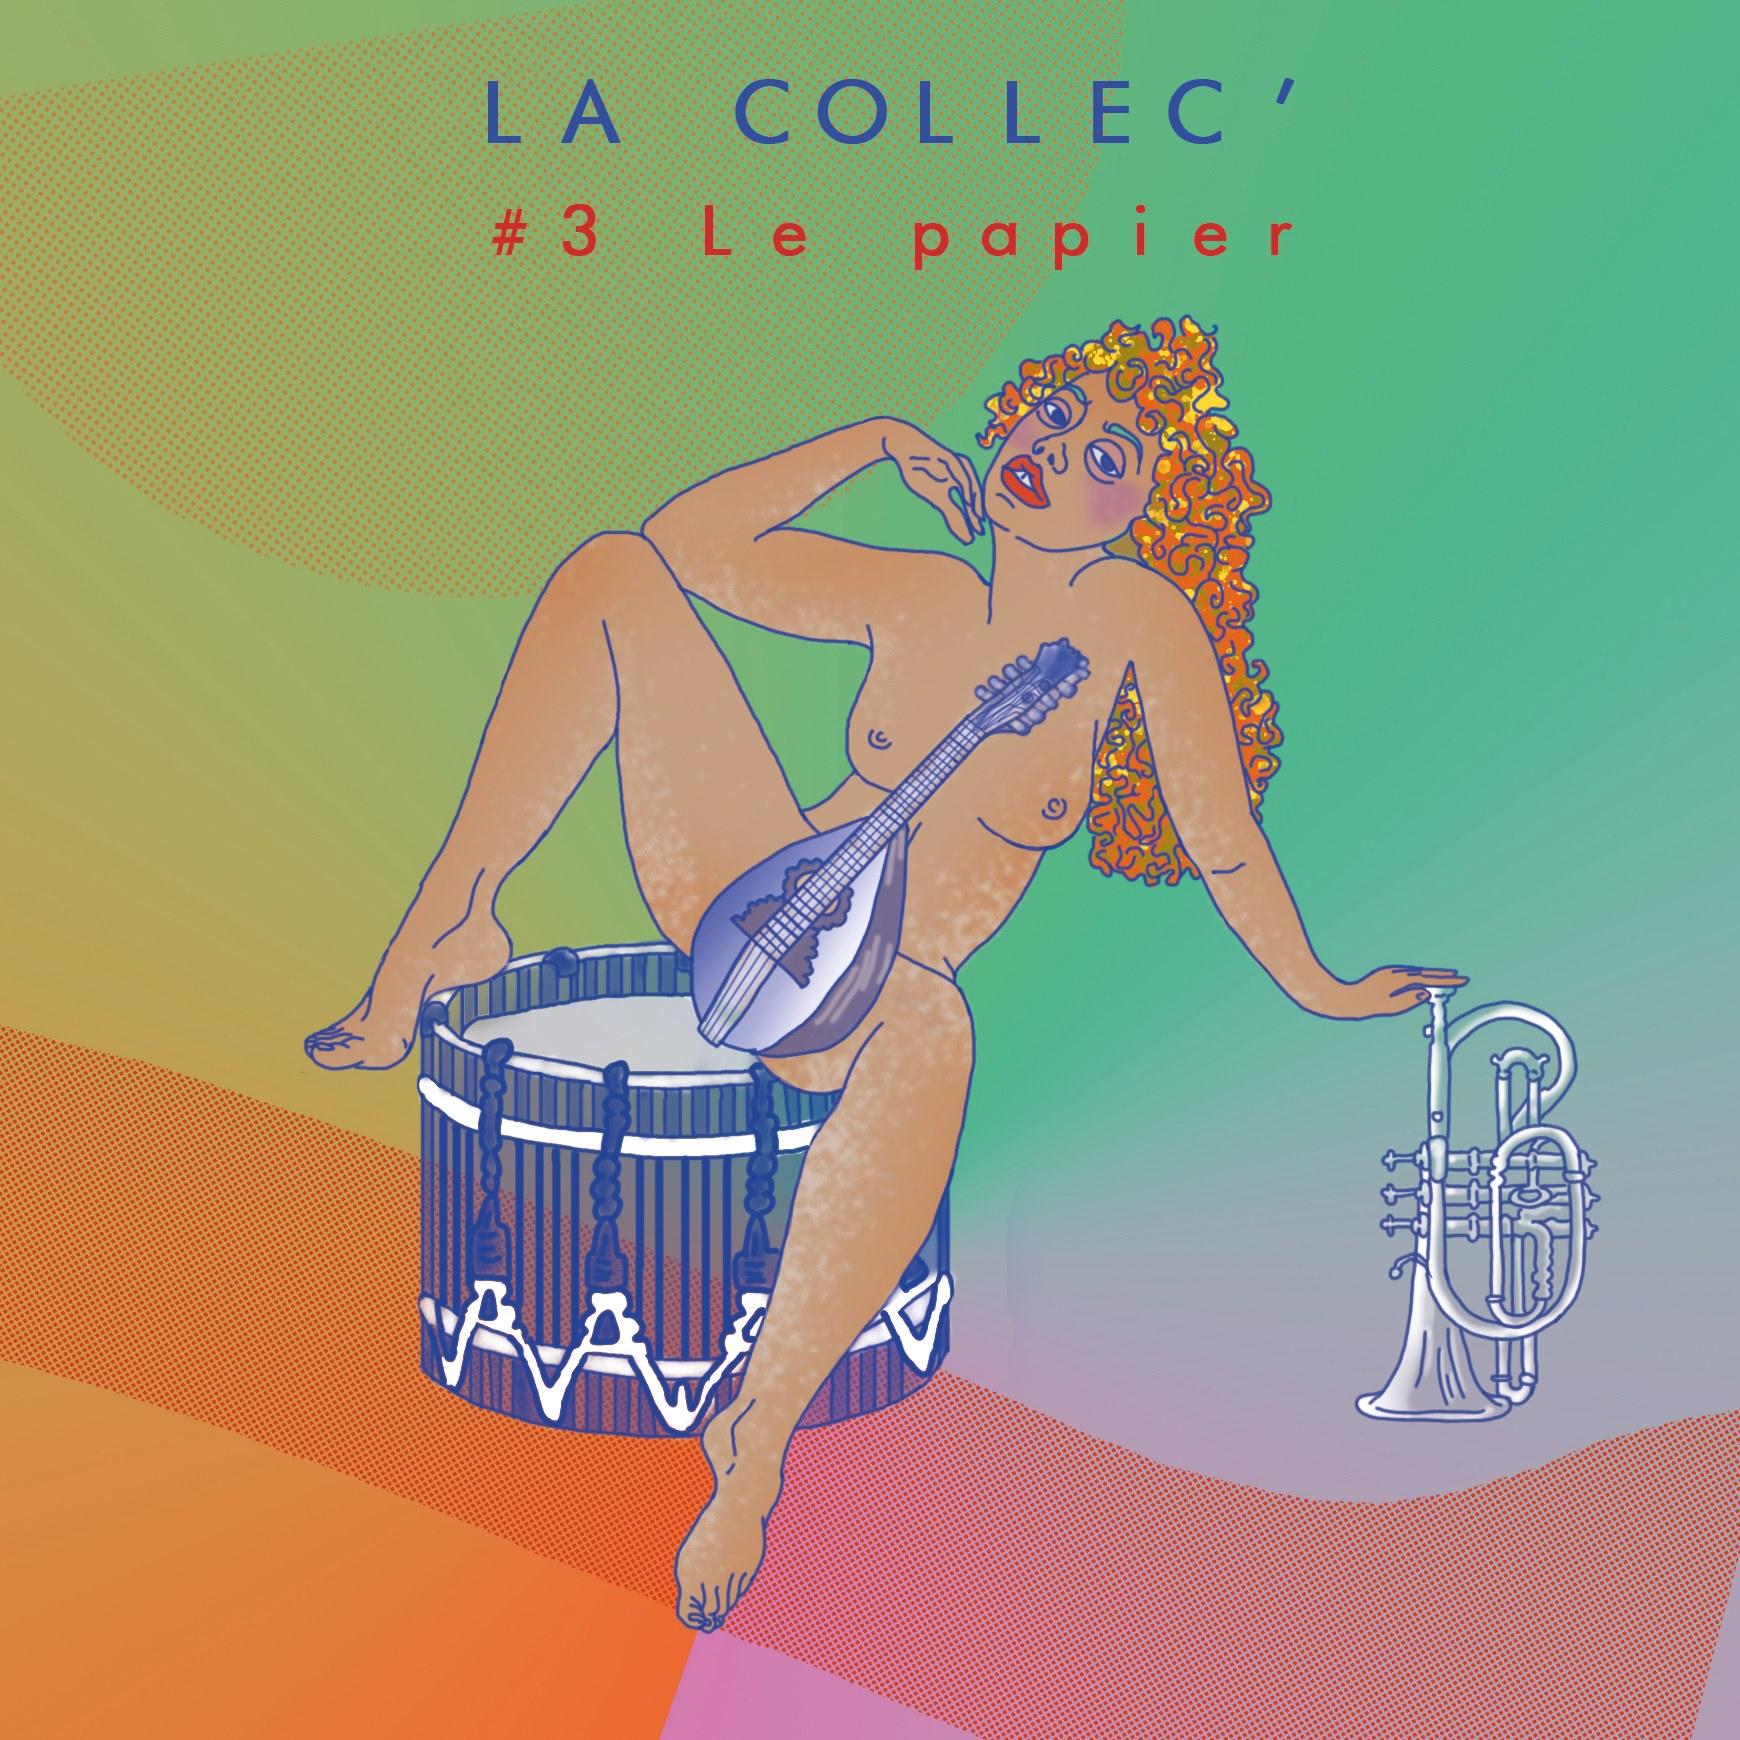 La Collec' S0203 - La Papier, visuel de Cannelle Mekki